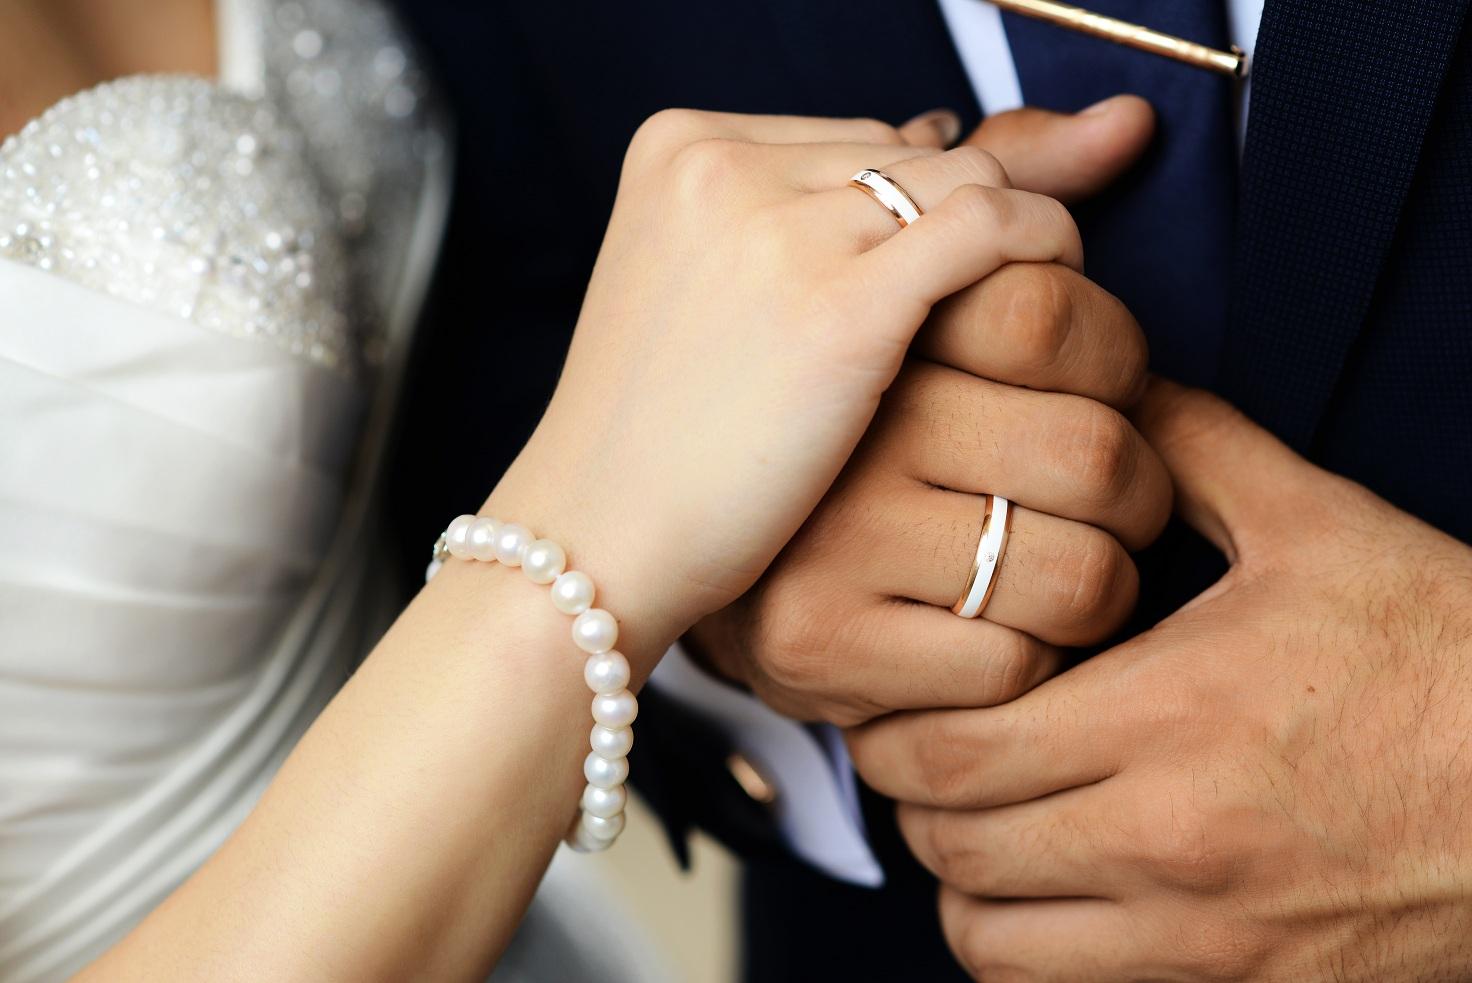 признательны, если картинки признание замуж с кольцом помощью вилки